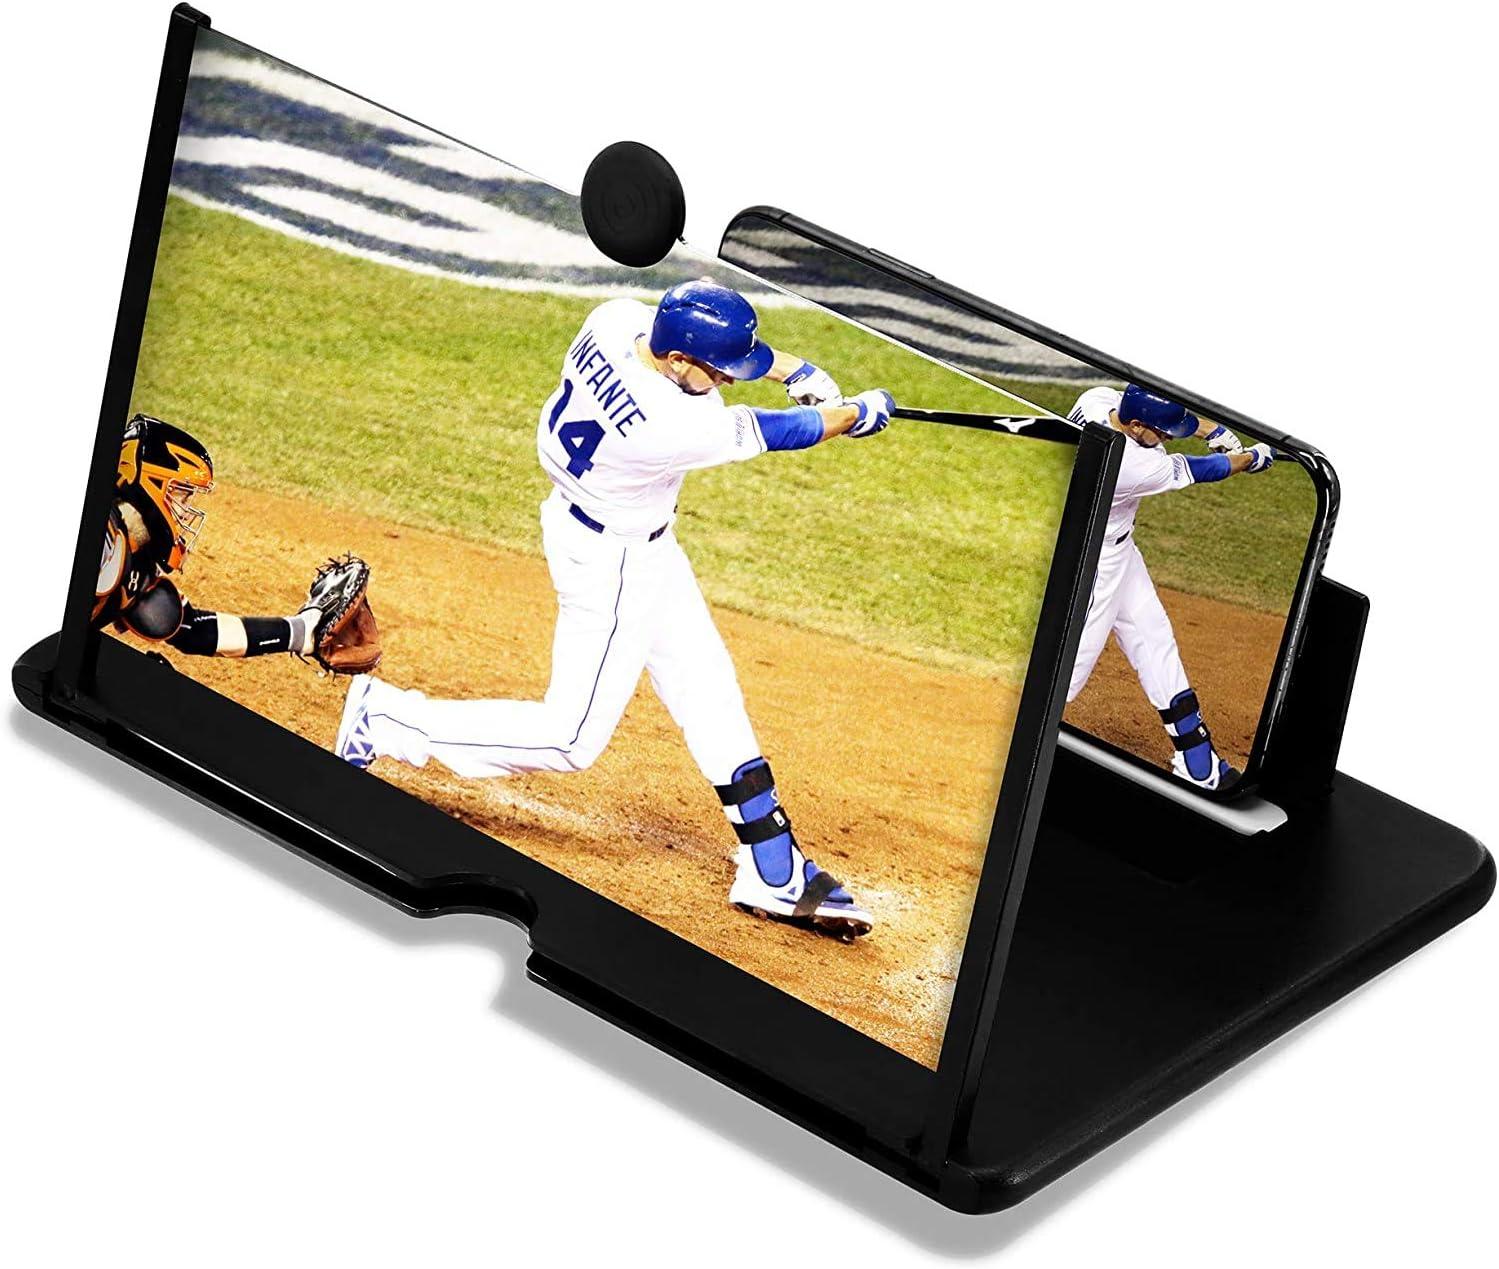 Lupa de pantalla de 12  para teléfono celular (HNBV)